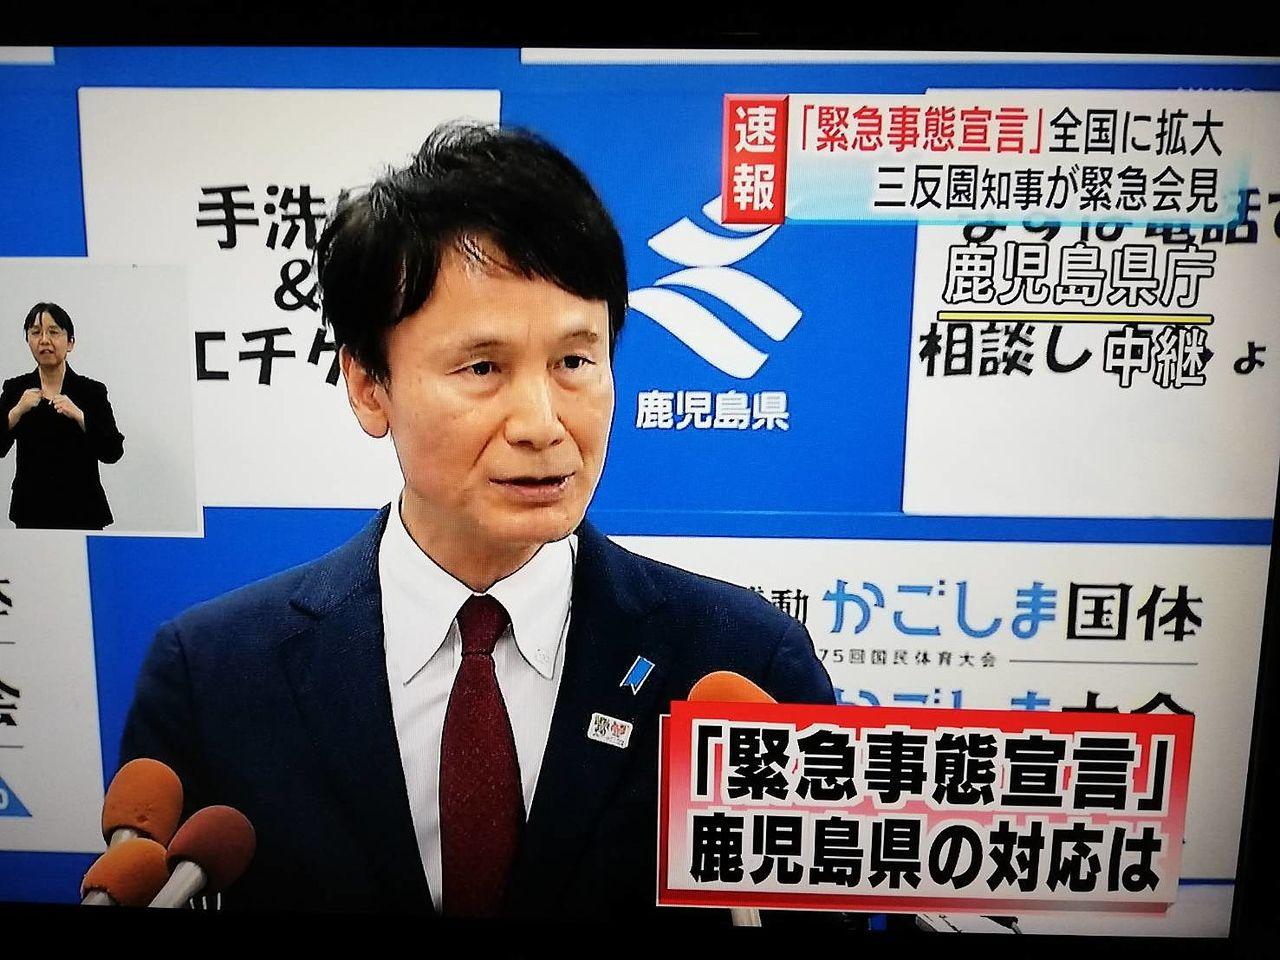 鹿児島県内も緊急事態宣言により更に影響がでそうです。